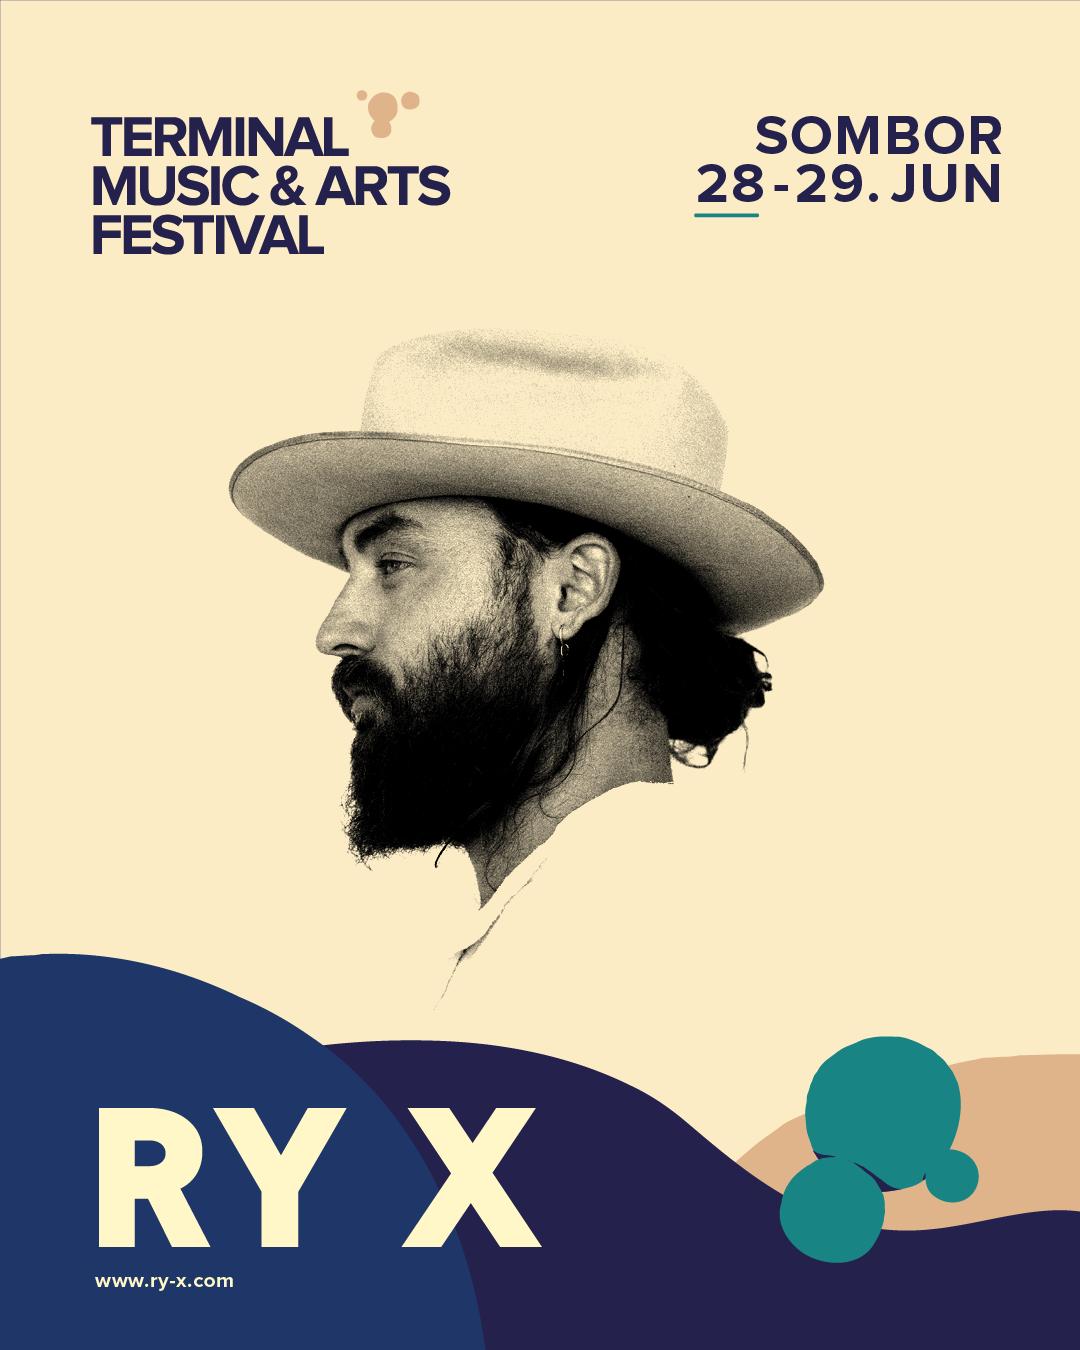 RY X TERMINAL 2019 Uplovi u lepšu stvarnost – budi deo Terminala!